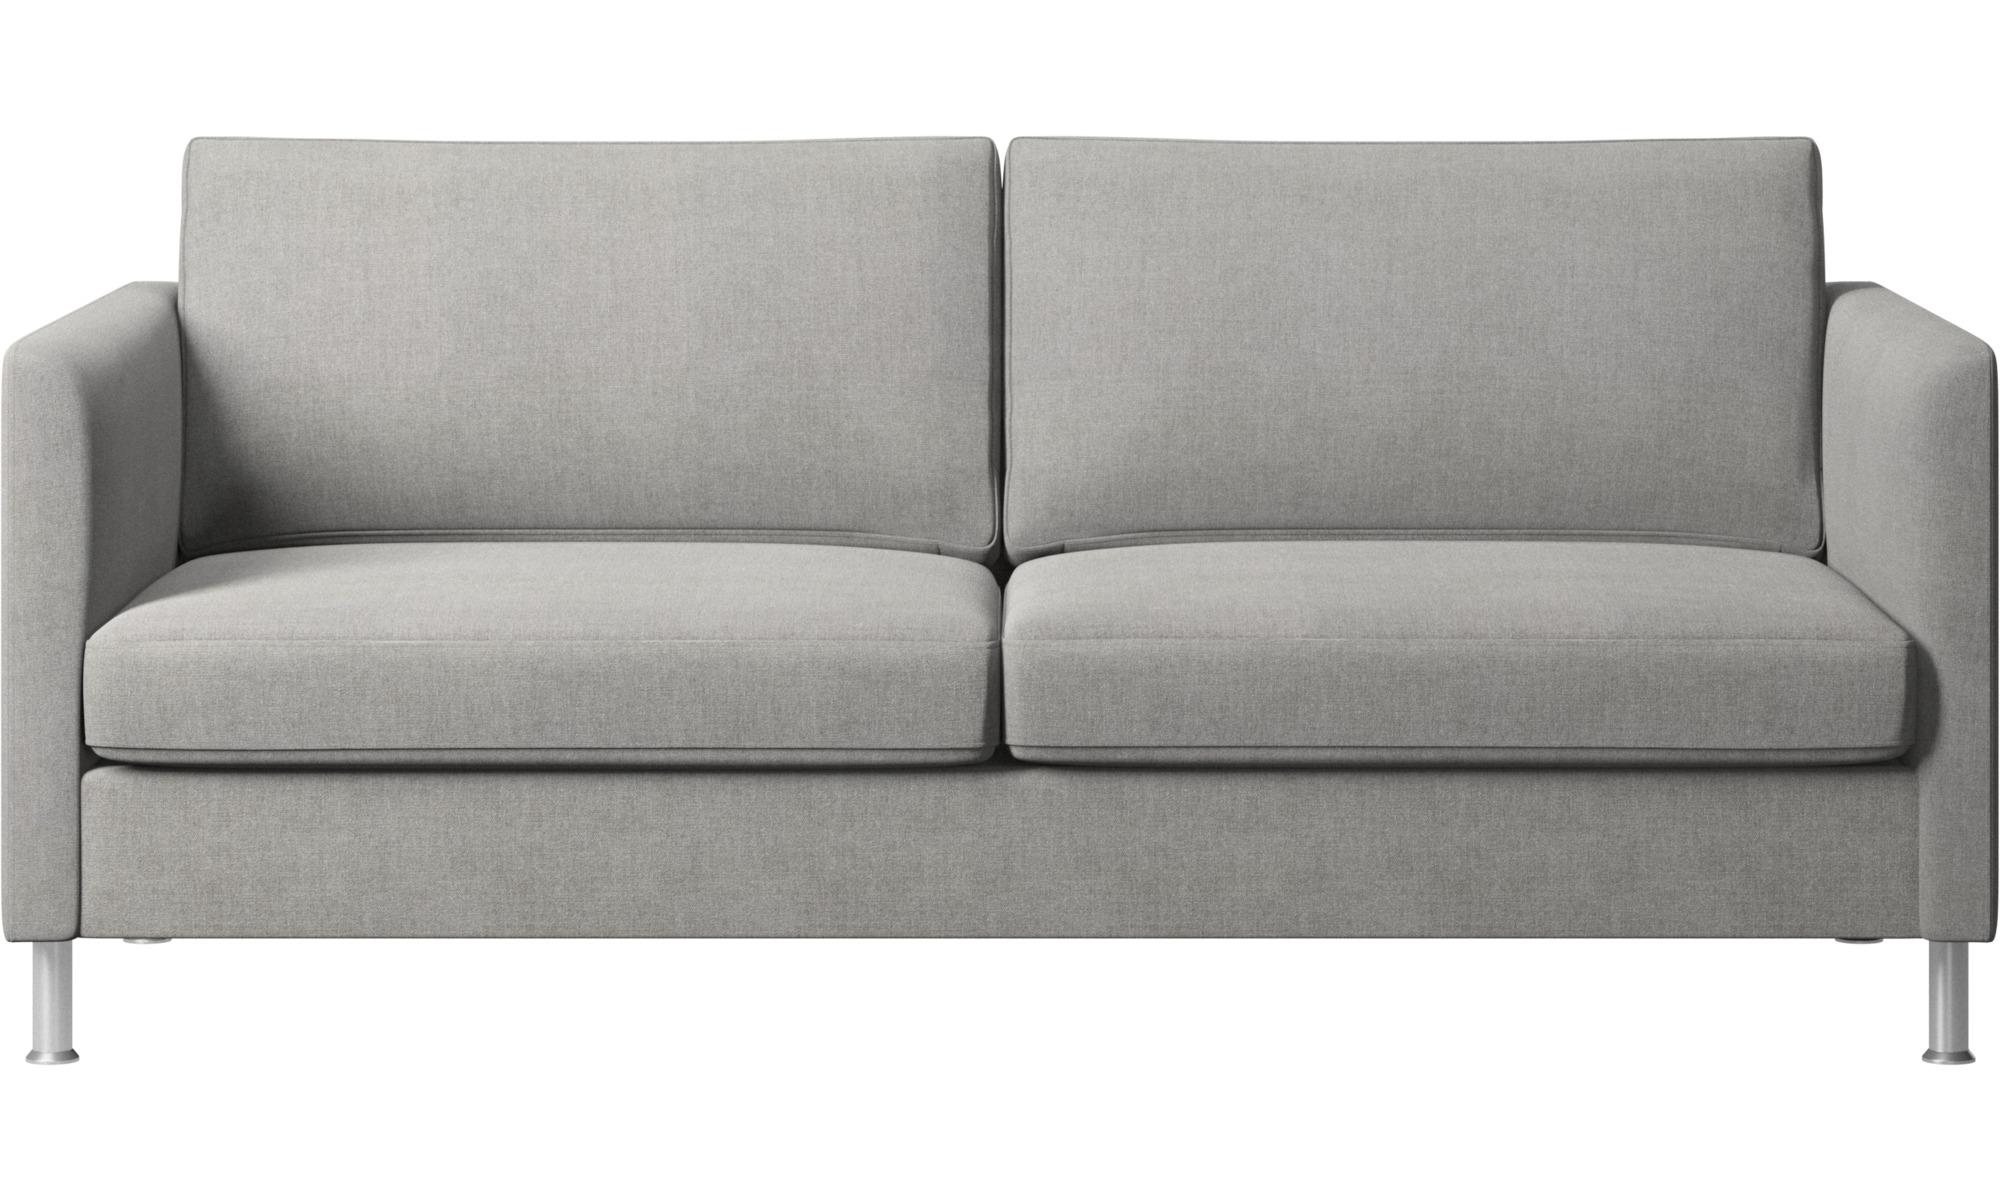 2½ personers sofaer - Indivi sofa